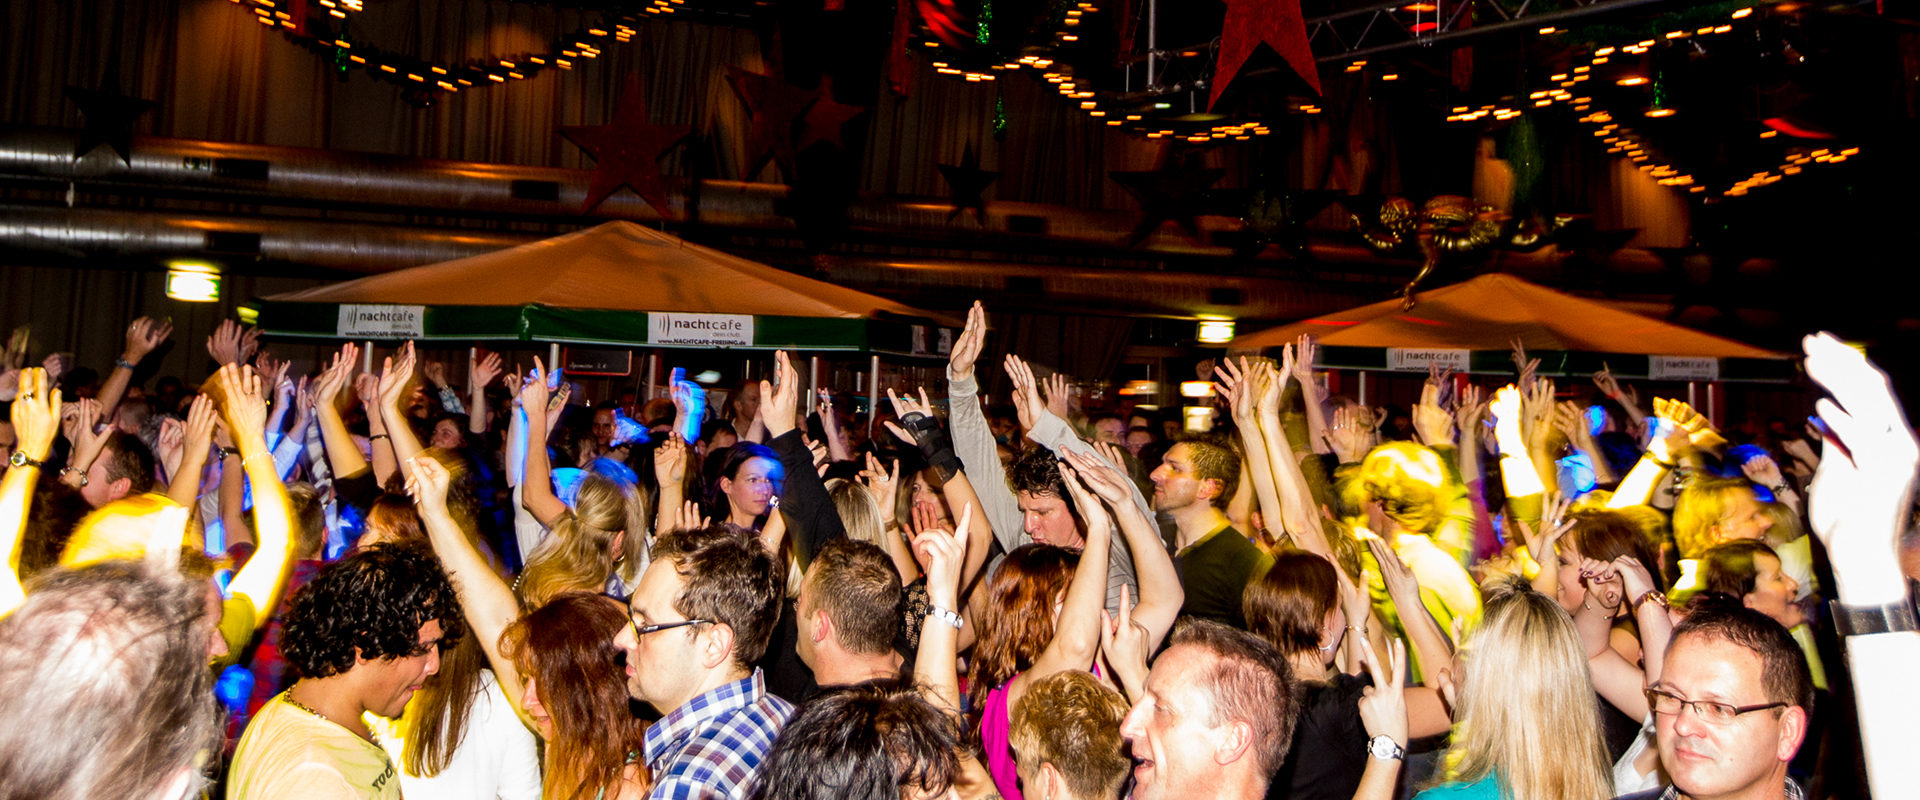 UE30-Party-Freising-Teaser-3